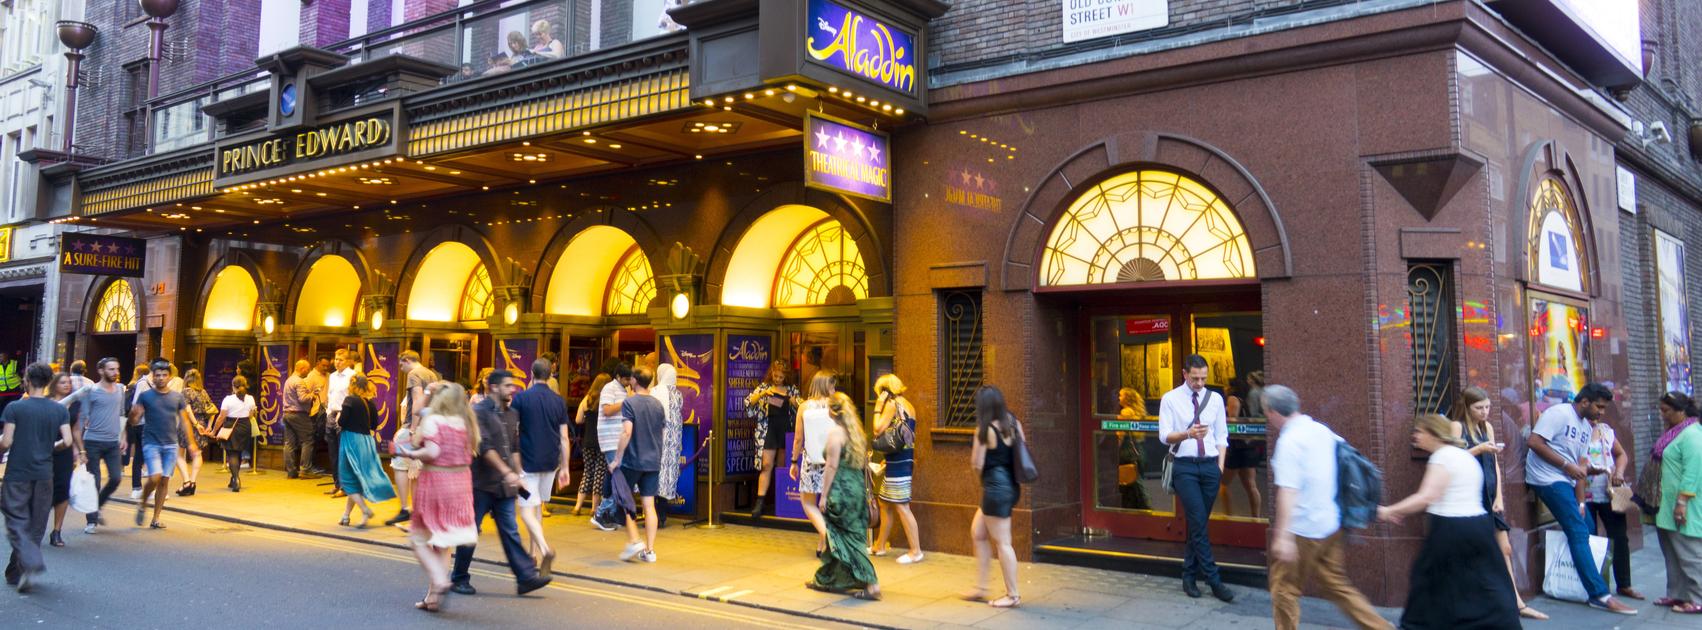 Prince Edward Theatre London